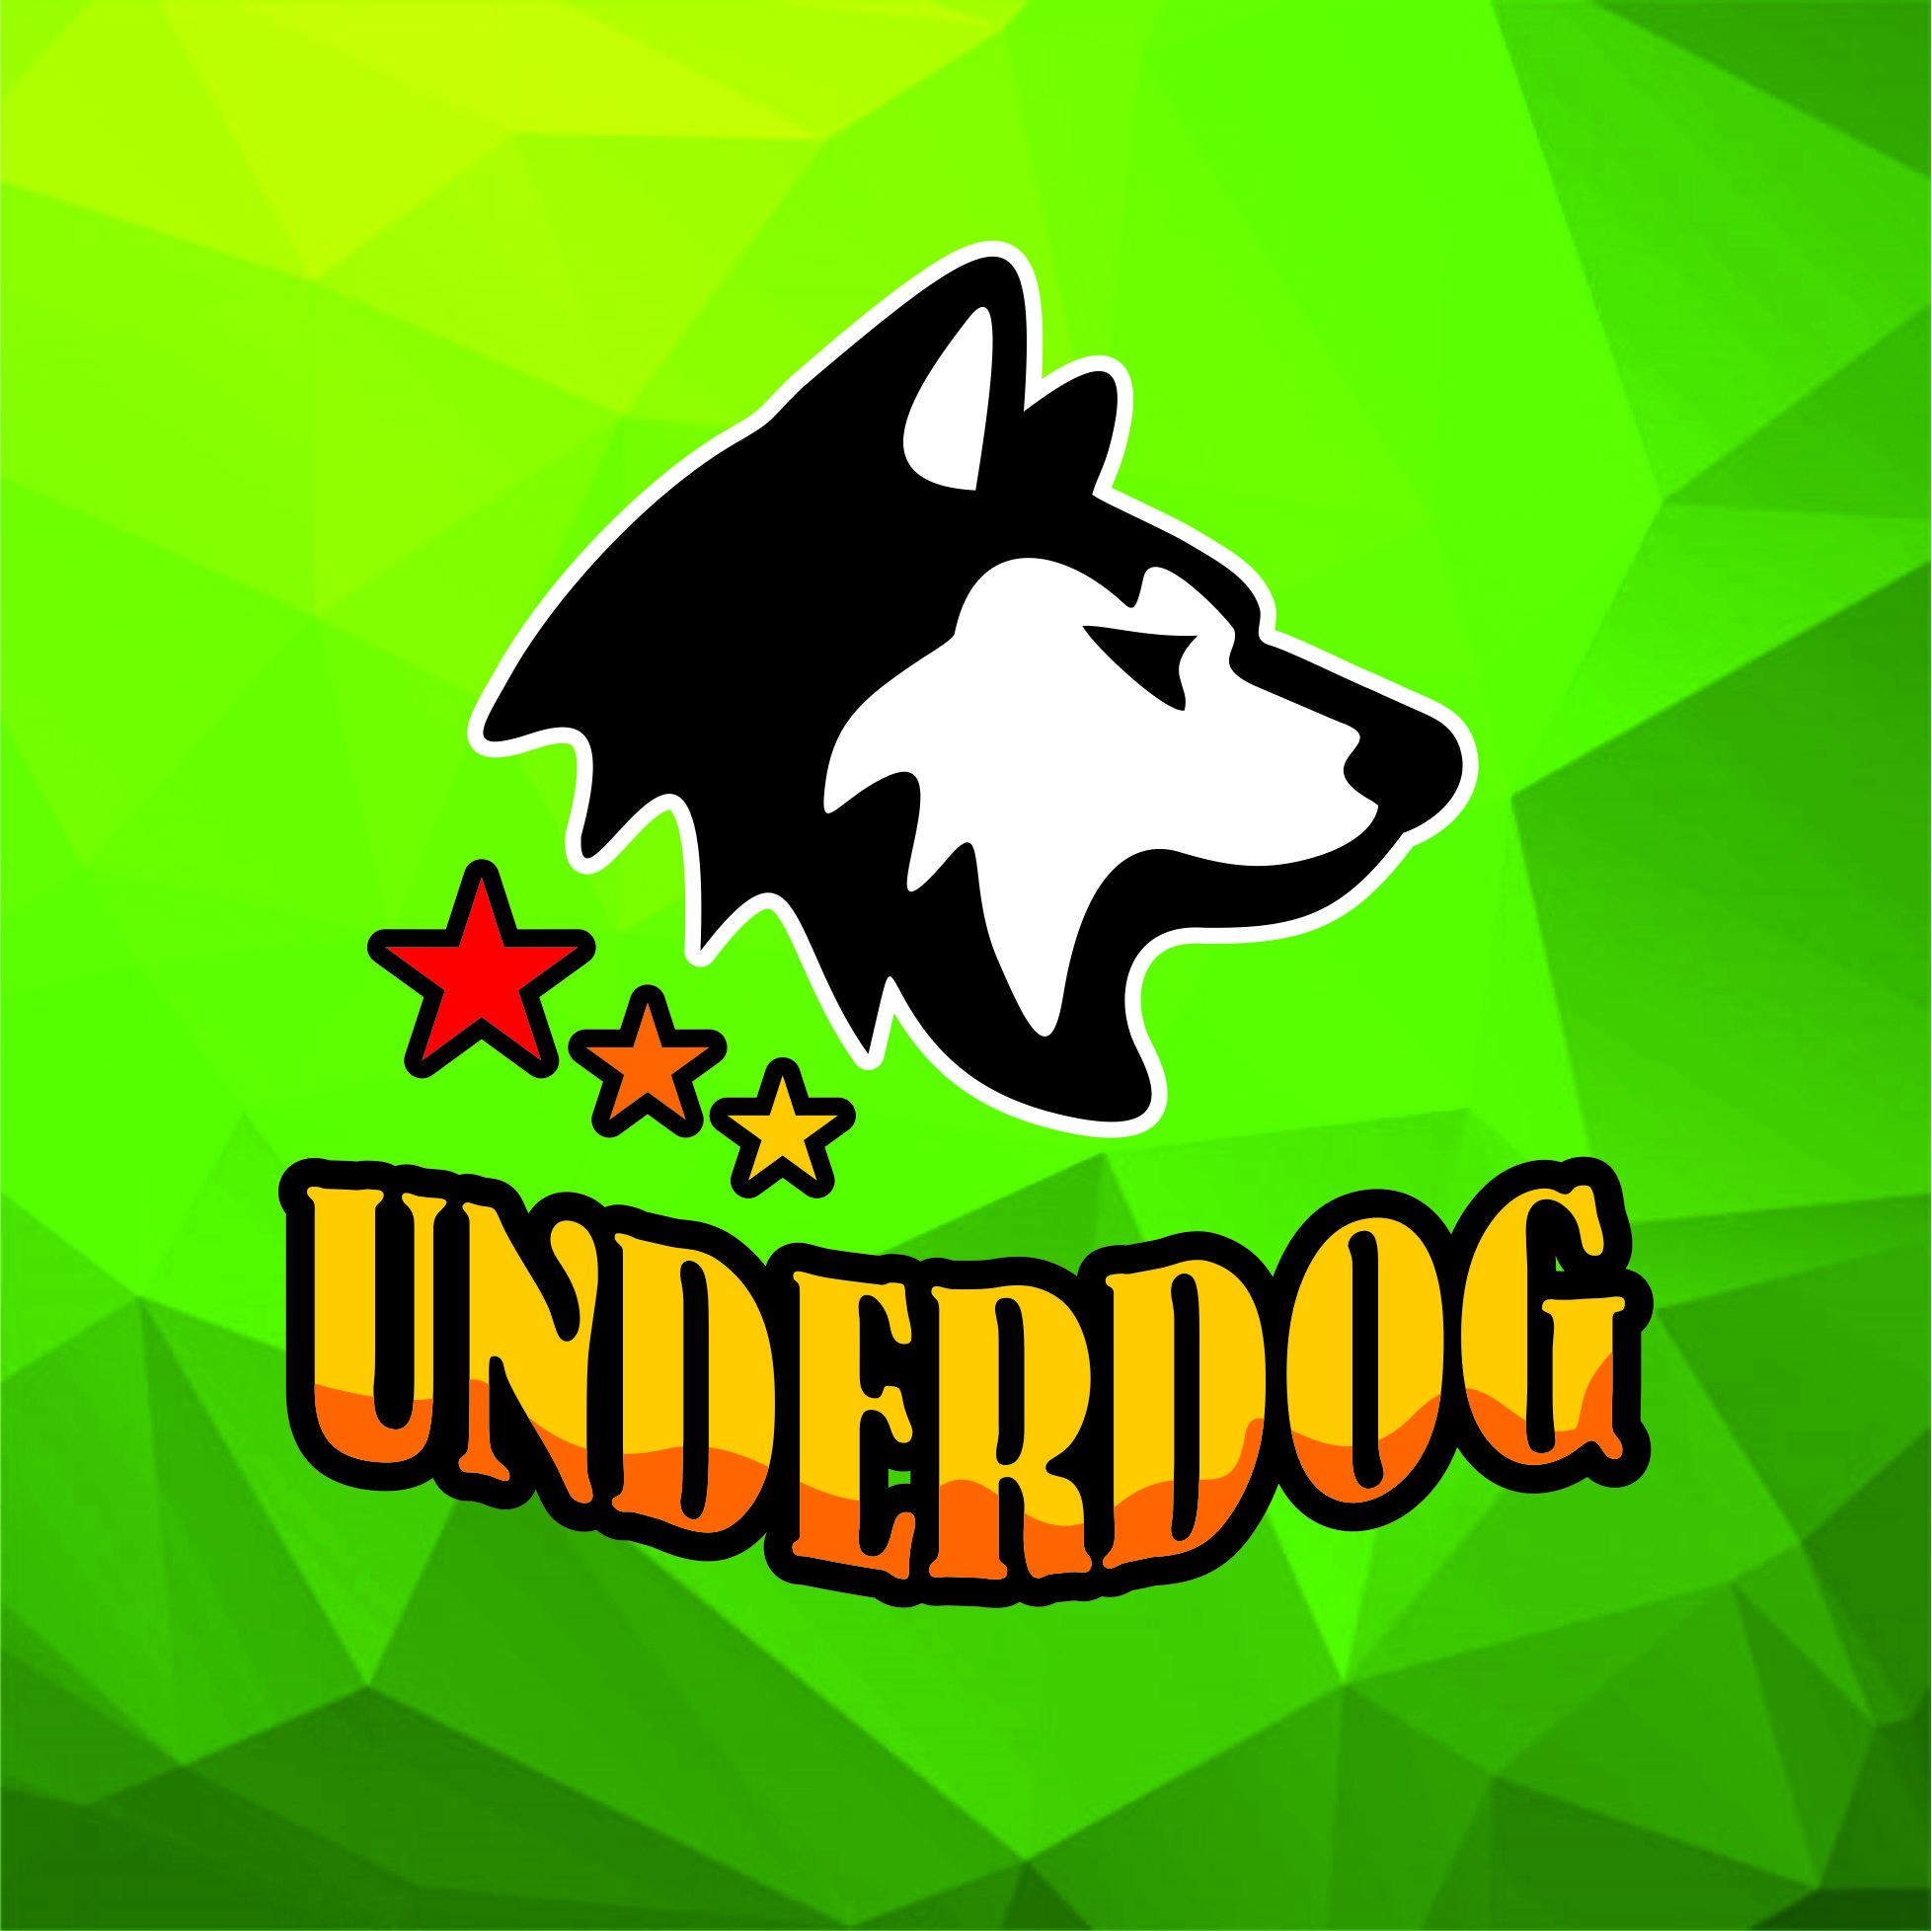 Футбольный клуб UNDERDOG - разработать фирстиль и бренд-бук фото f_9715cb2f21b25b17.jpg